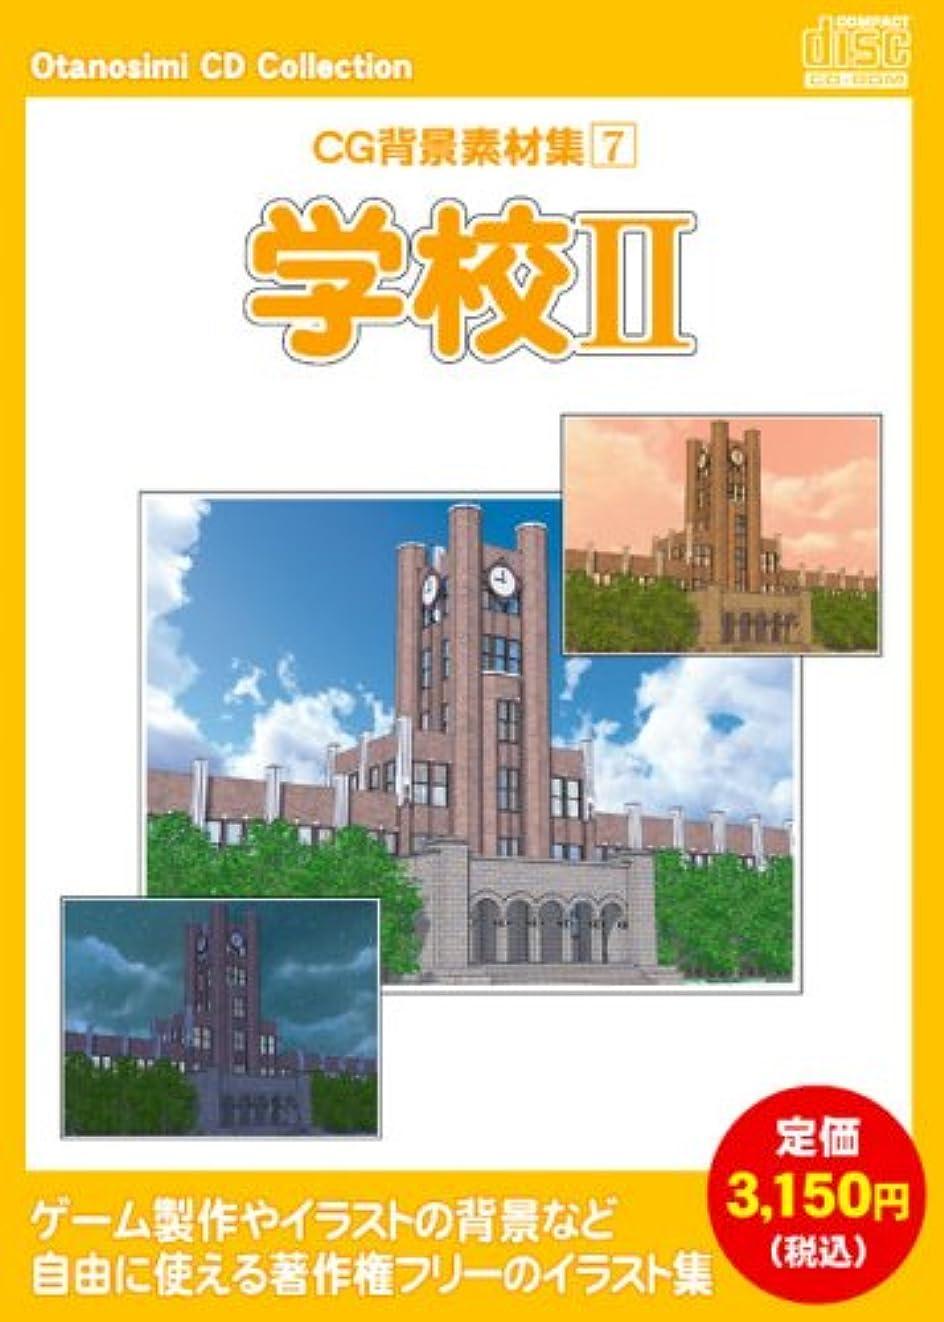 消費者潤滑する公使館お楽しみCDコレクション 「CG背景素材集 7 学校 II」